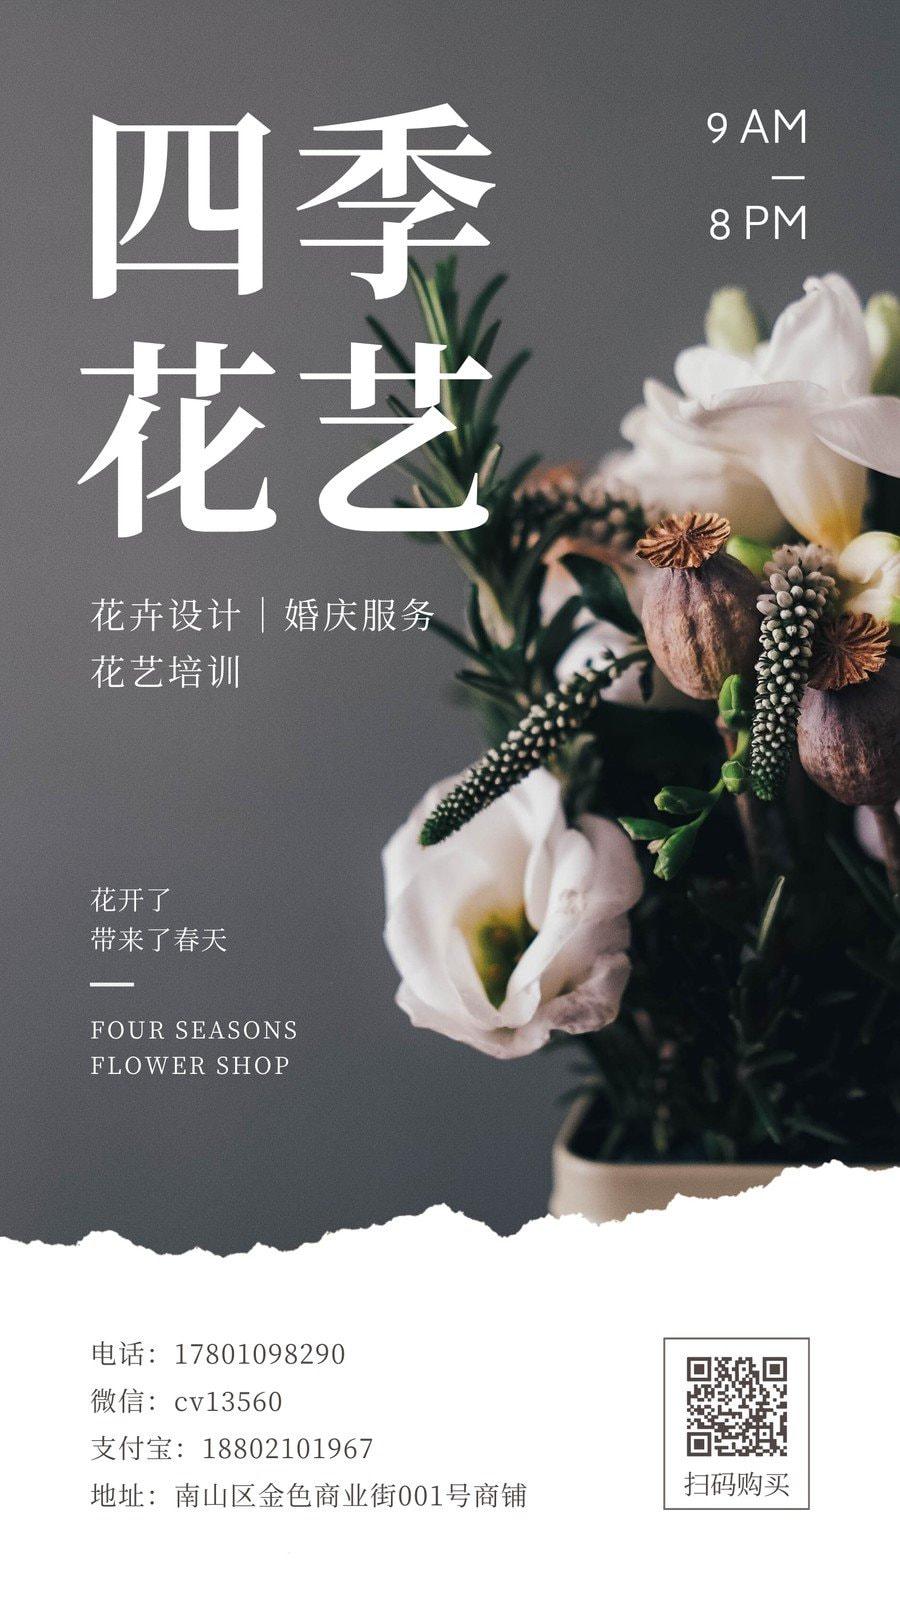 灰白色插花花朵花艺设计撕纸照片店铺宣传中文电子名片